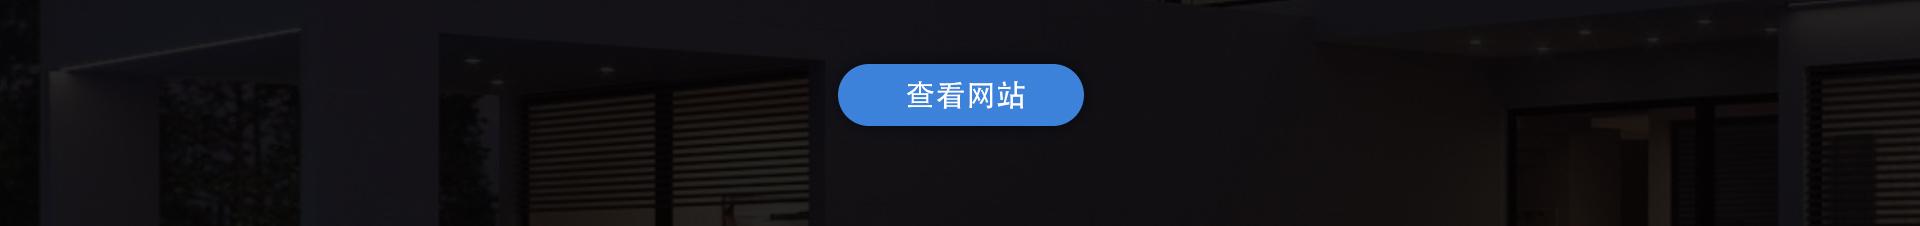 宁波飞色-葛海松-云企案例设计简介-foho_02